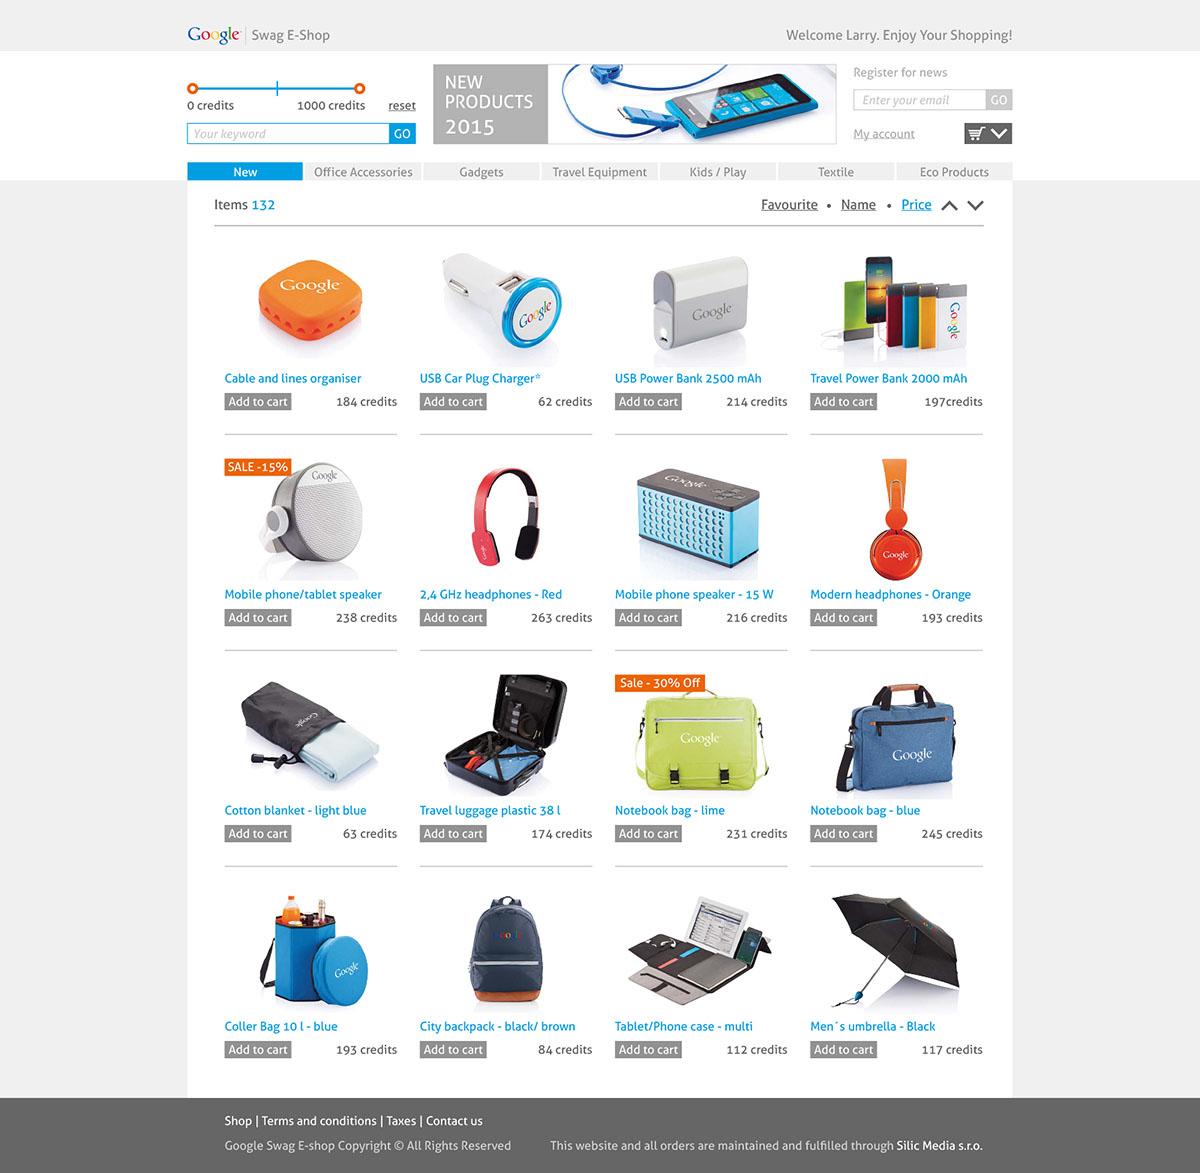 Silic Média Creative - Google e-shop